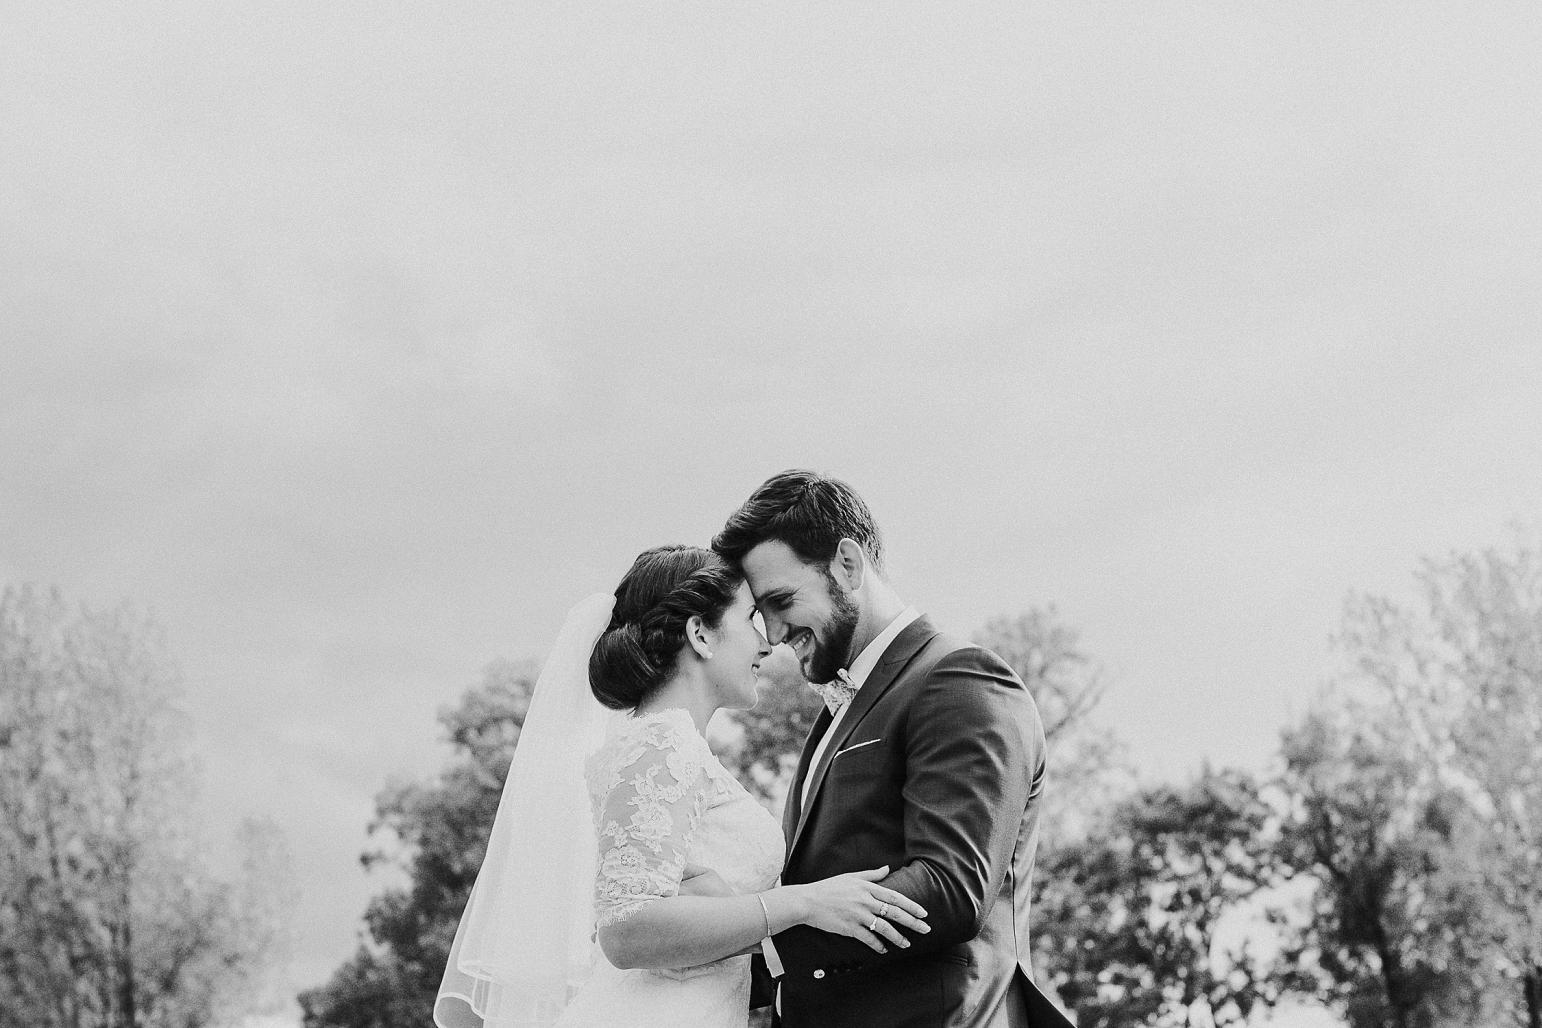 kateryna-photos-mariage-wedding-france-bretagne-pays-de-la-loire-chateau-de-la-colaissiere-st-sauveur-de-landemont_0060.jpg